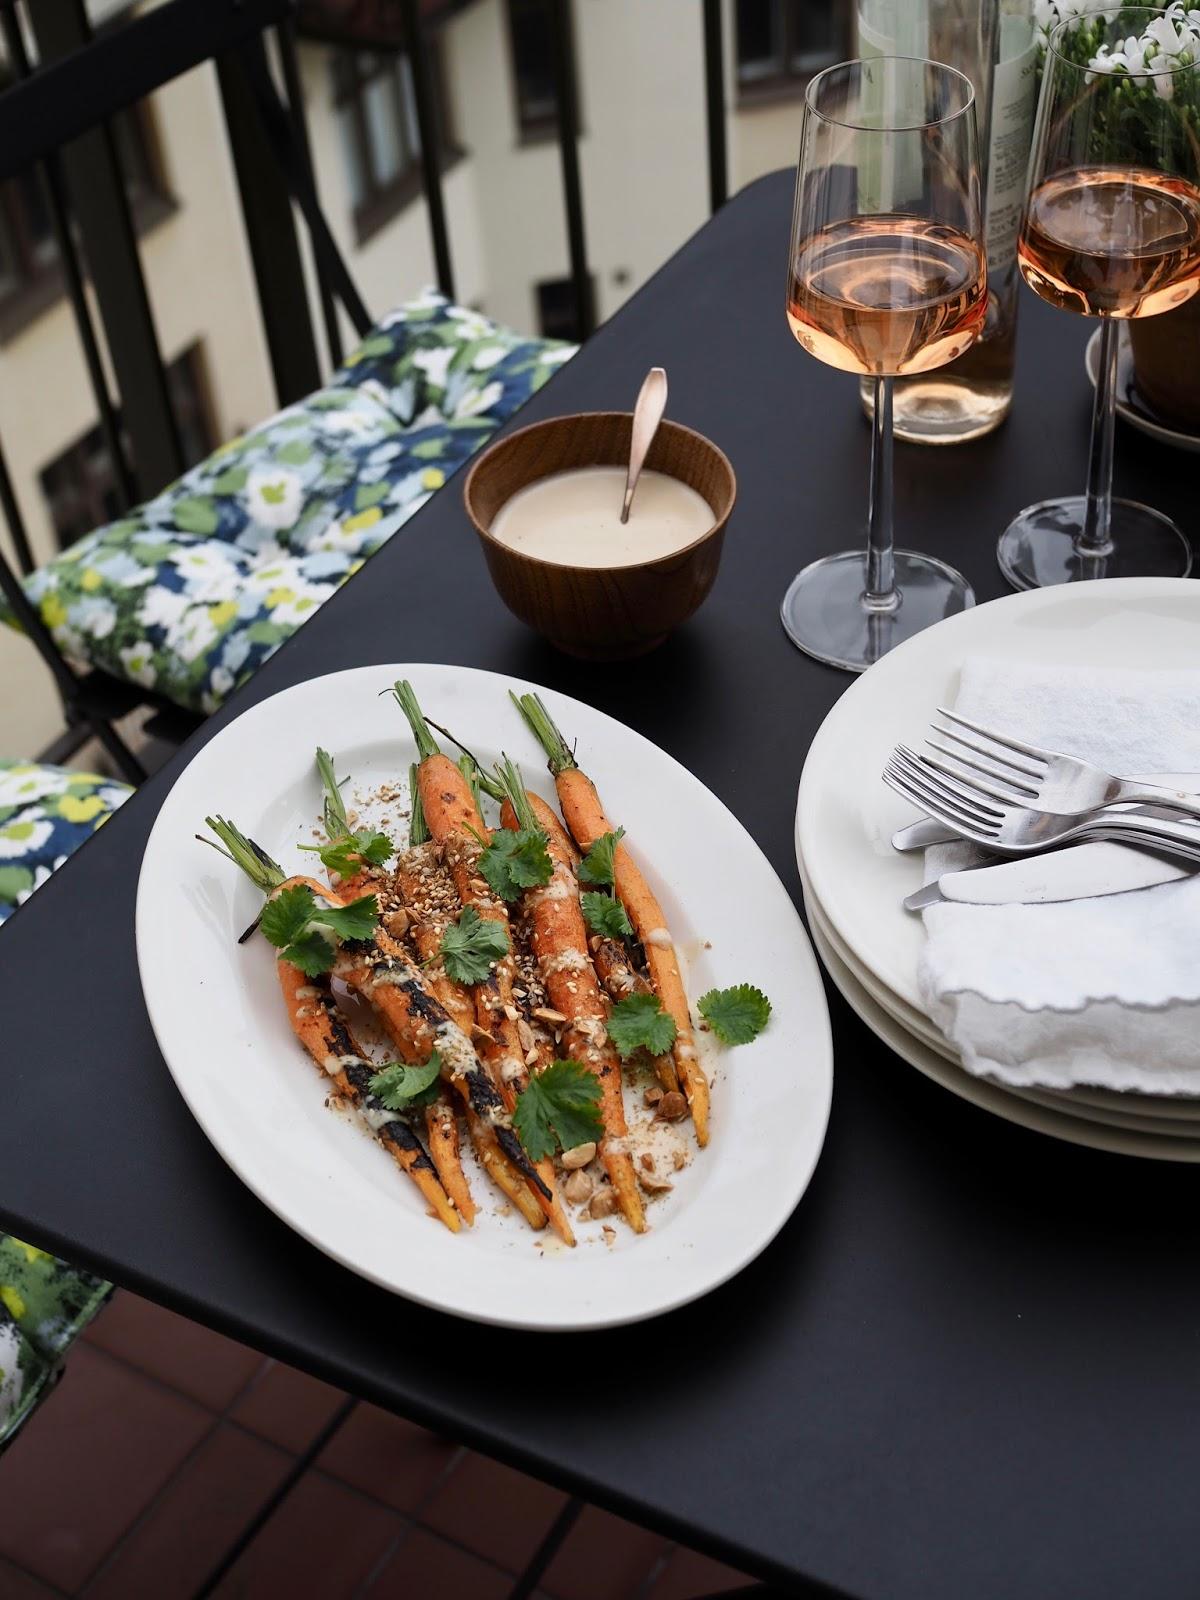 Dukkahilla maustetut porkkanat, dukkah, grillatut porkkanat, tahinikastike, gluteeniton, vegaaninen